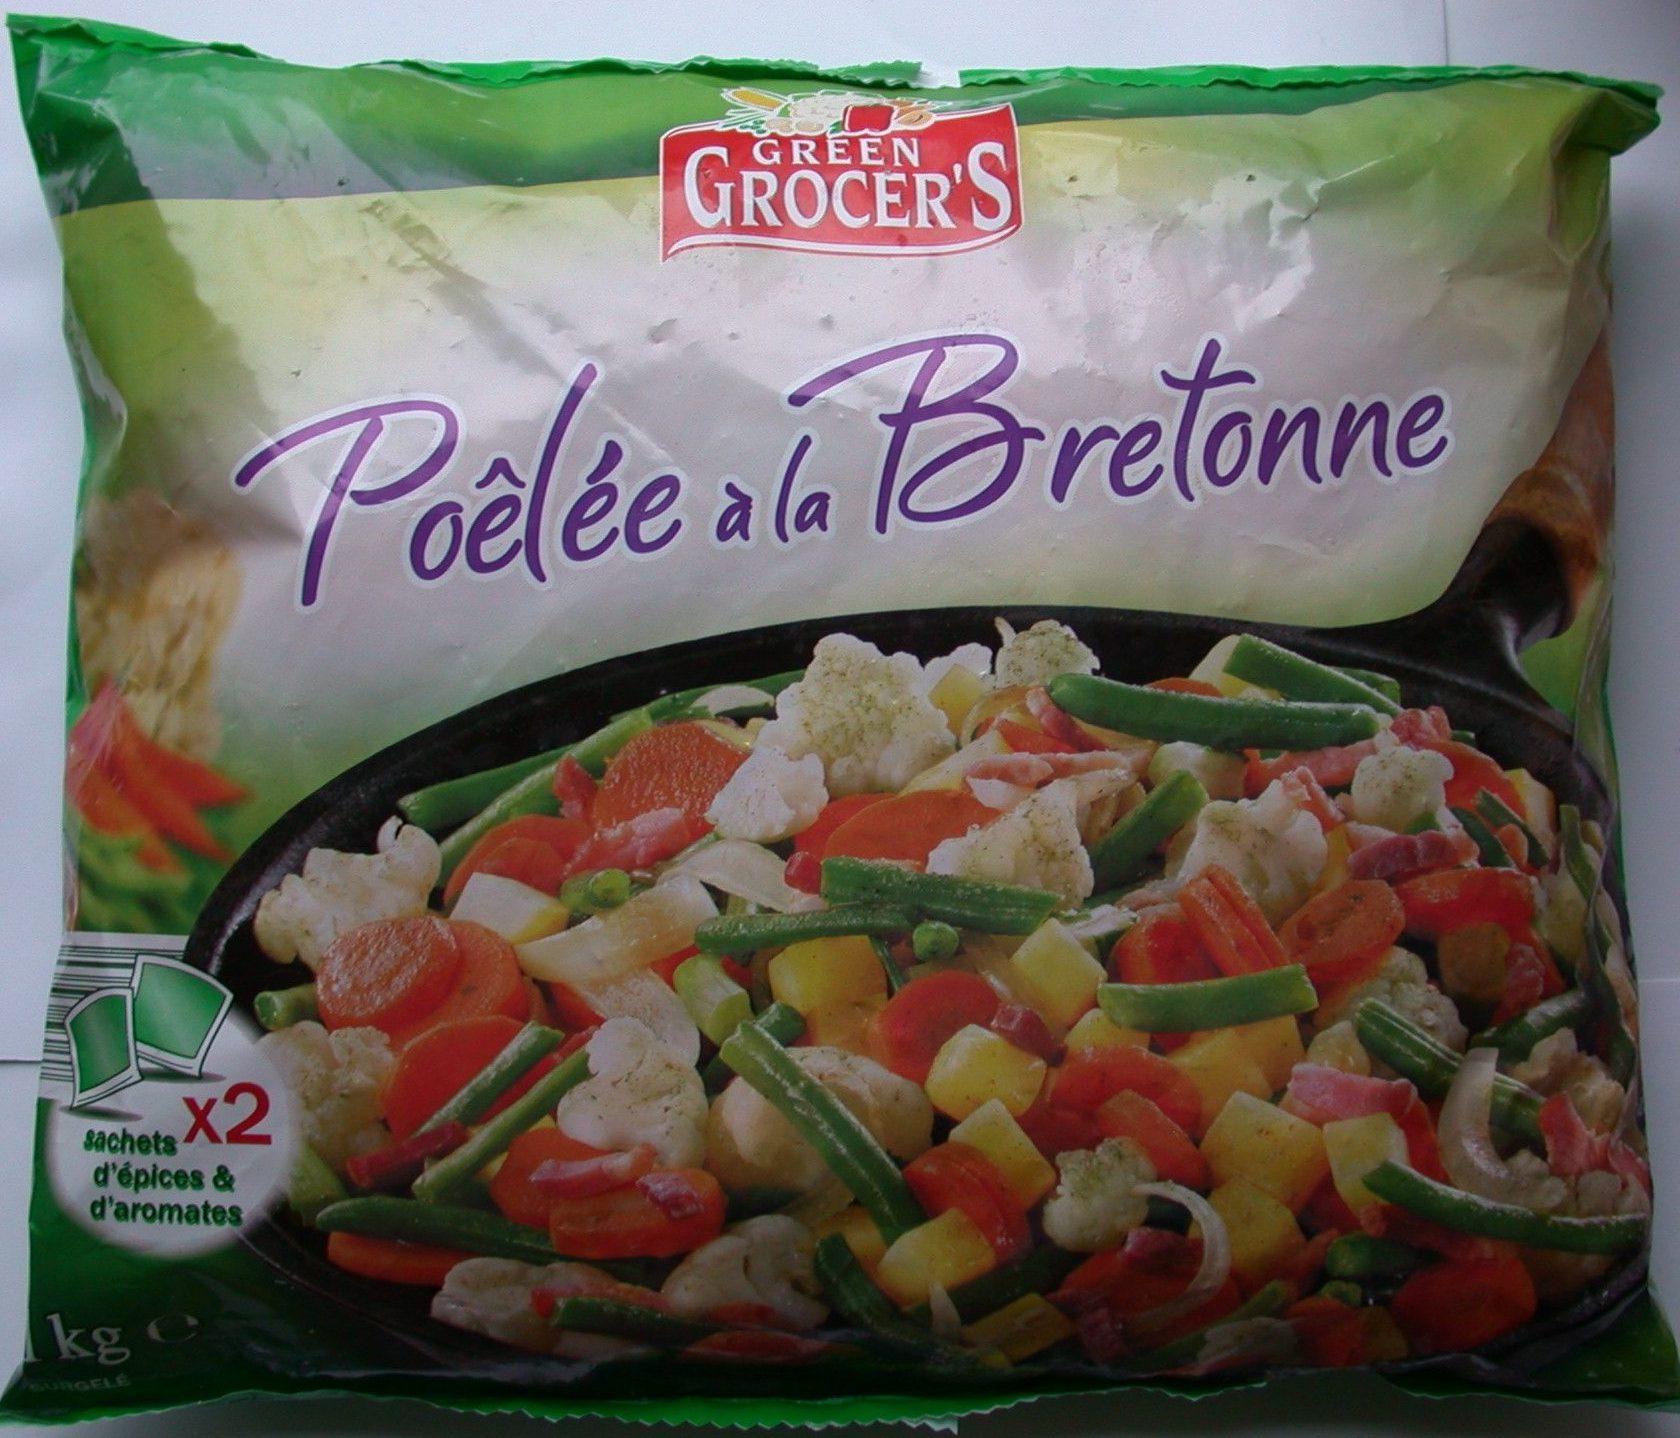 Poêlée à la Bretonne - Product